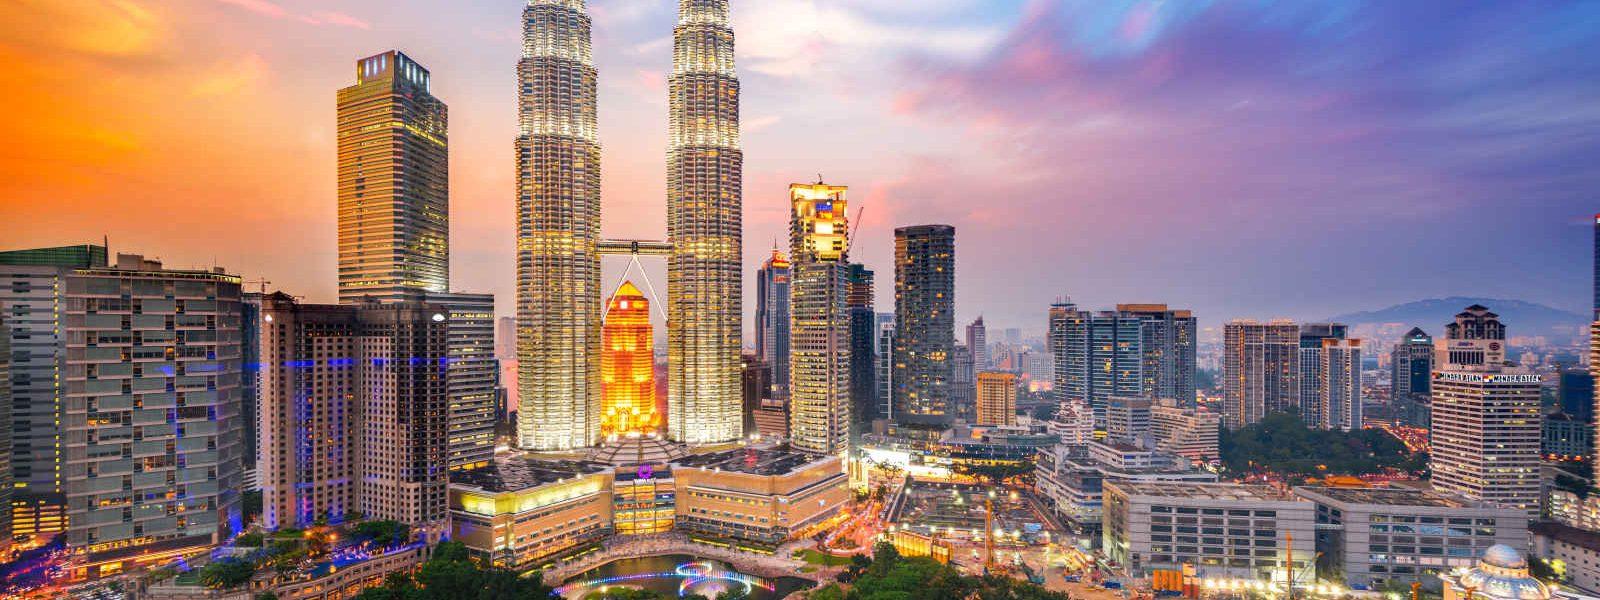 Vue sur la ville et les tours jumelle (Petronas twin towers), Kuala Lumpur, Malaisie